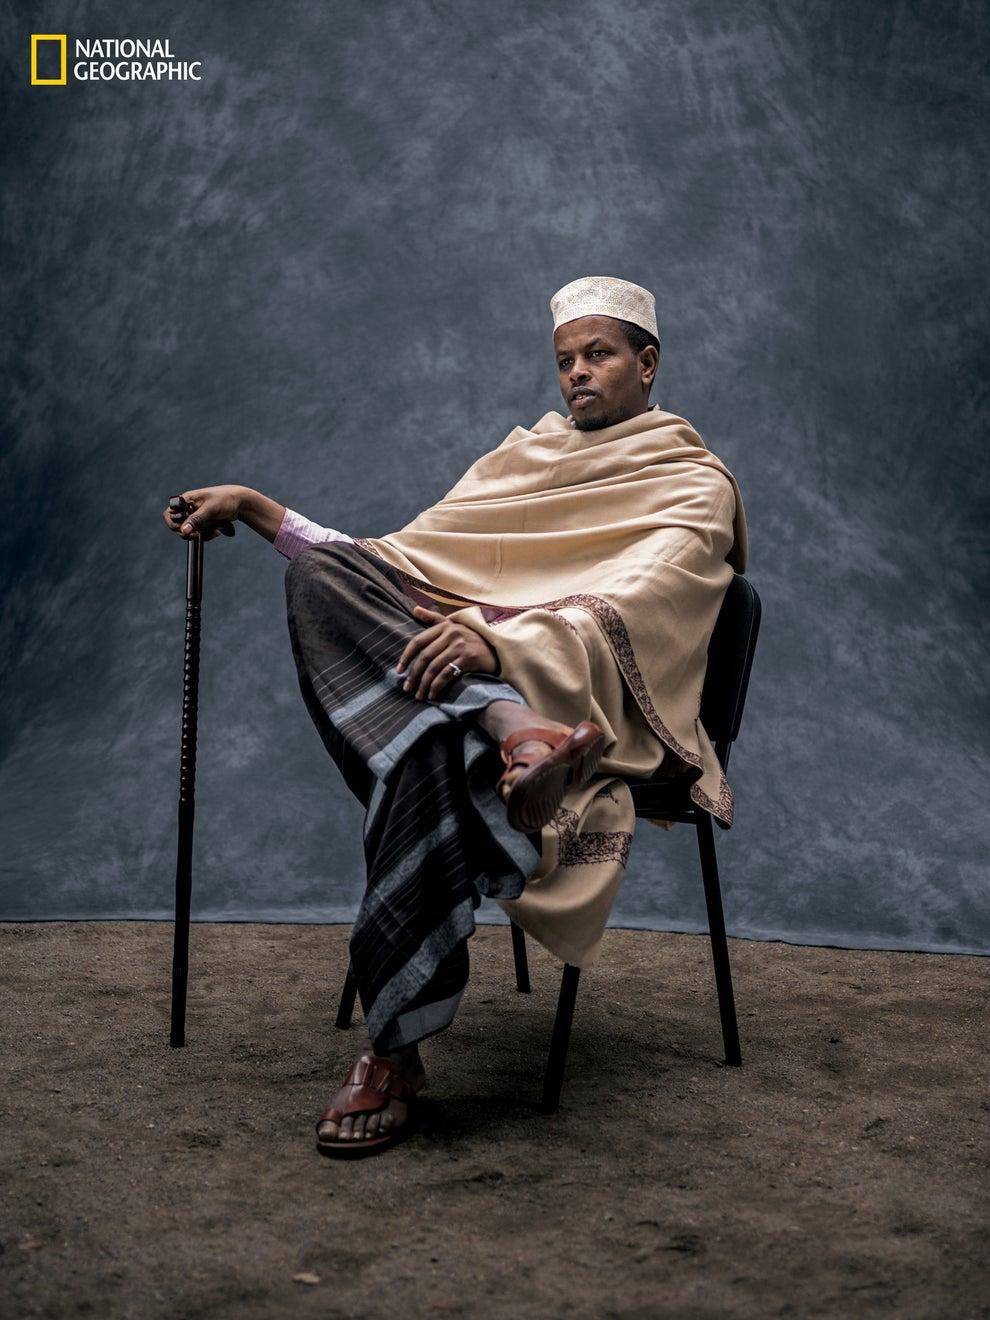 9. Mohamed Ali Osman, age 32, Sweden.